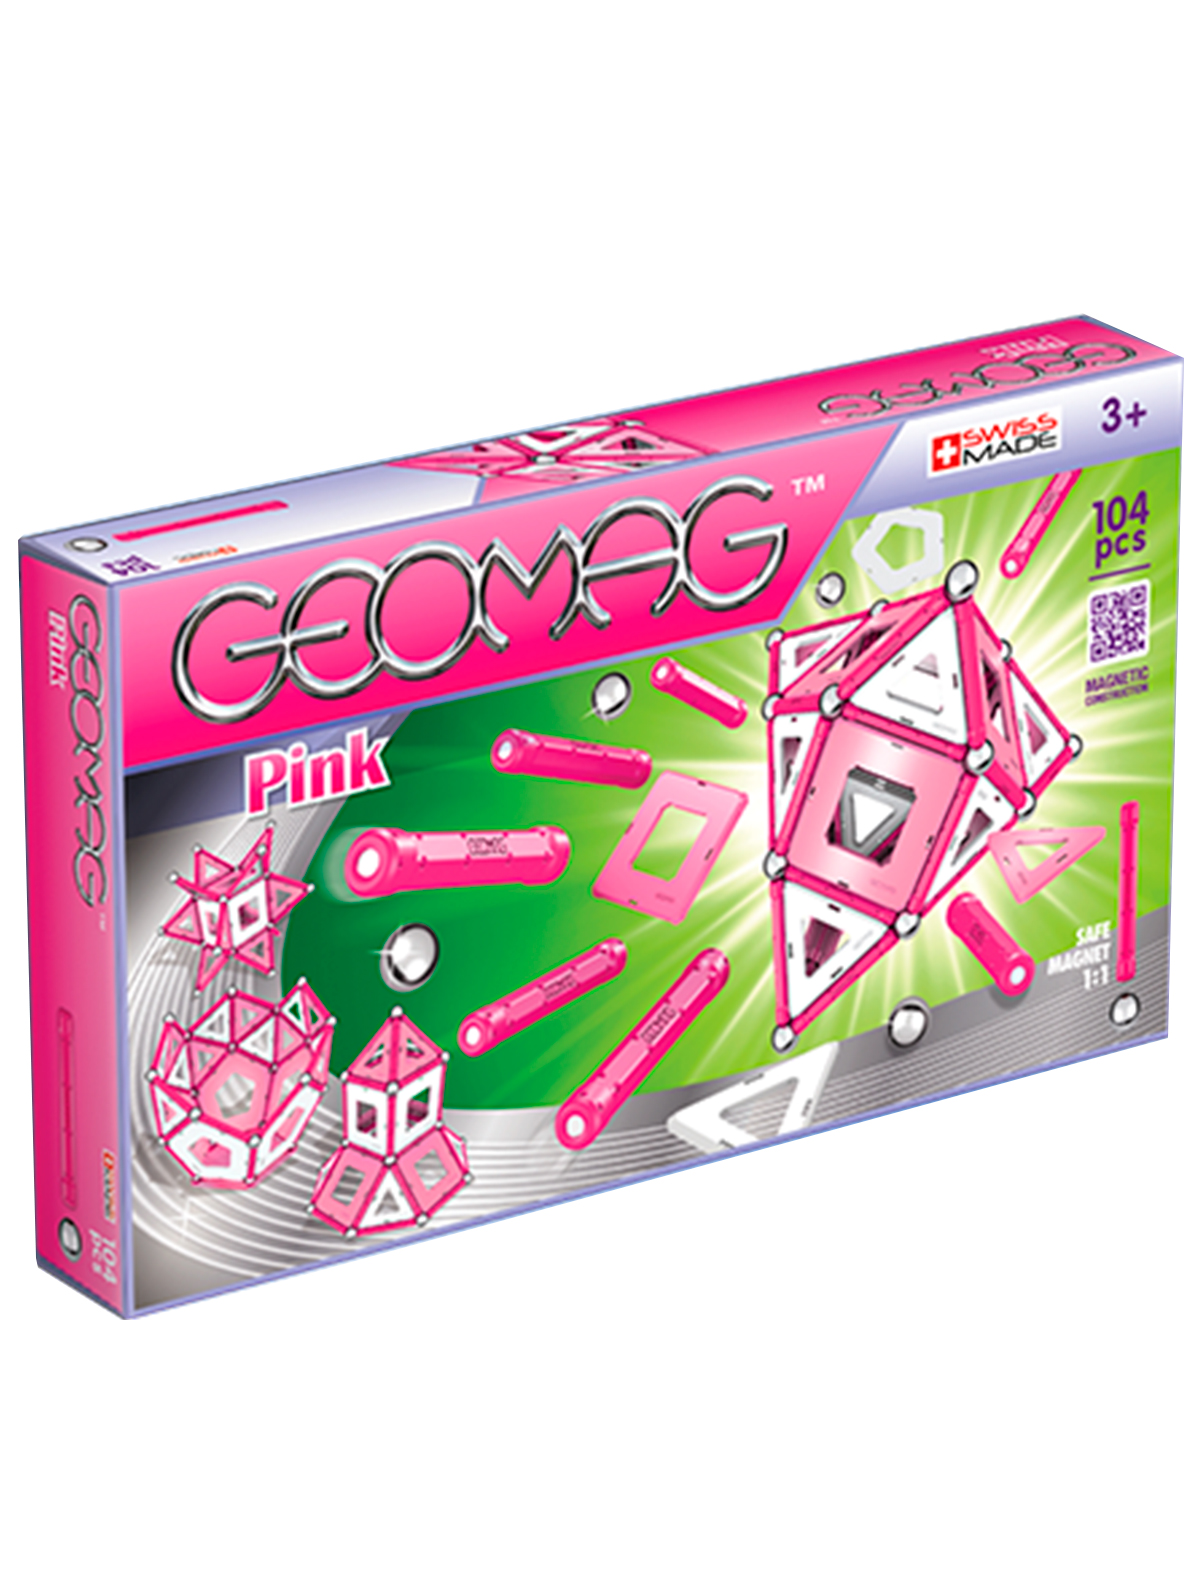 Купить 2146168, Игрушка GEOMAG, розовый, 7132629980081